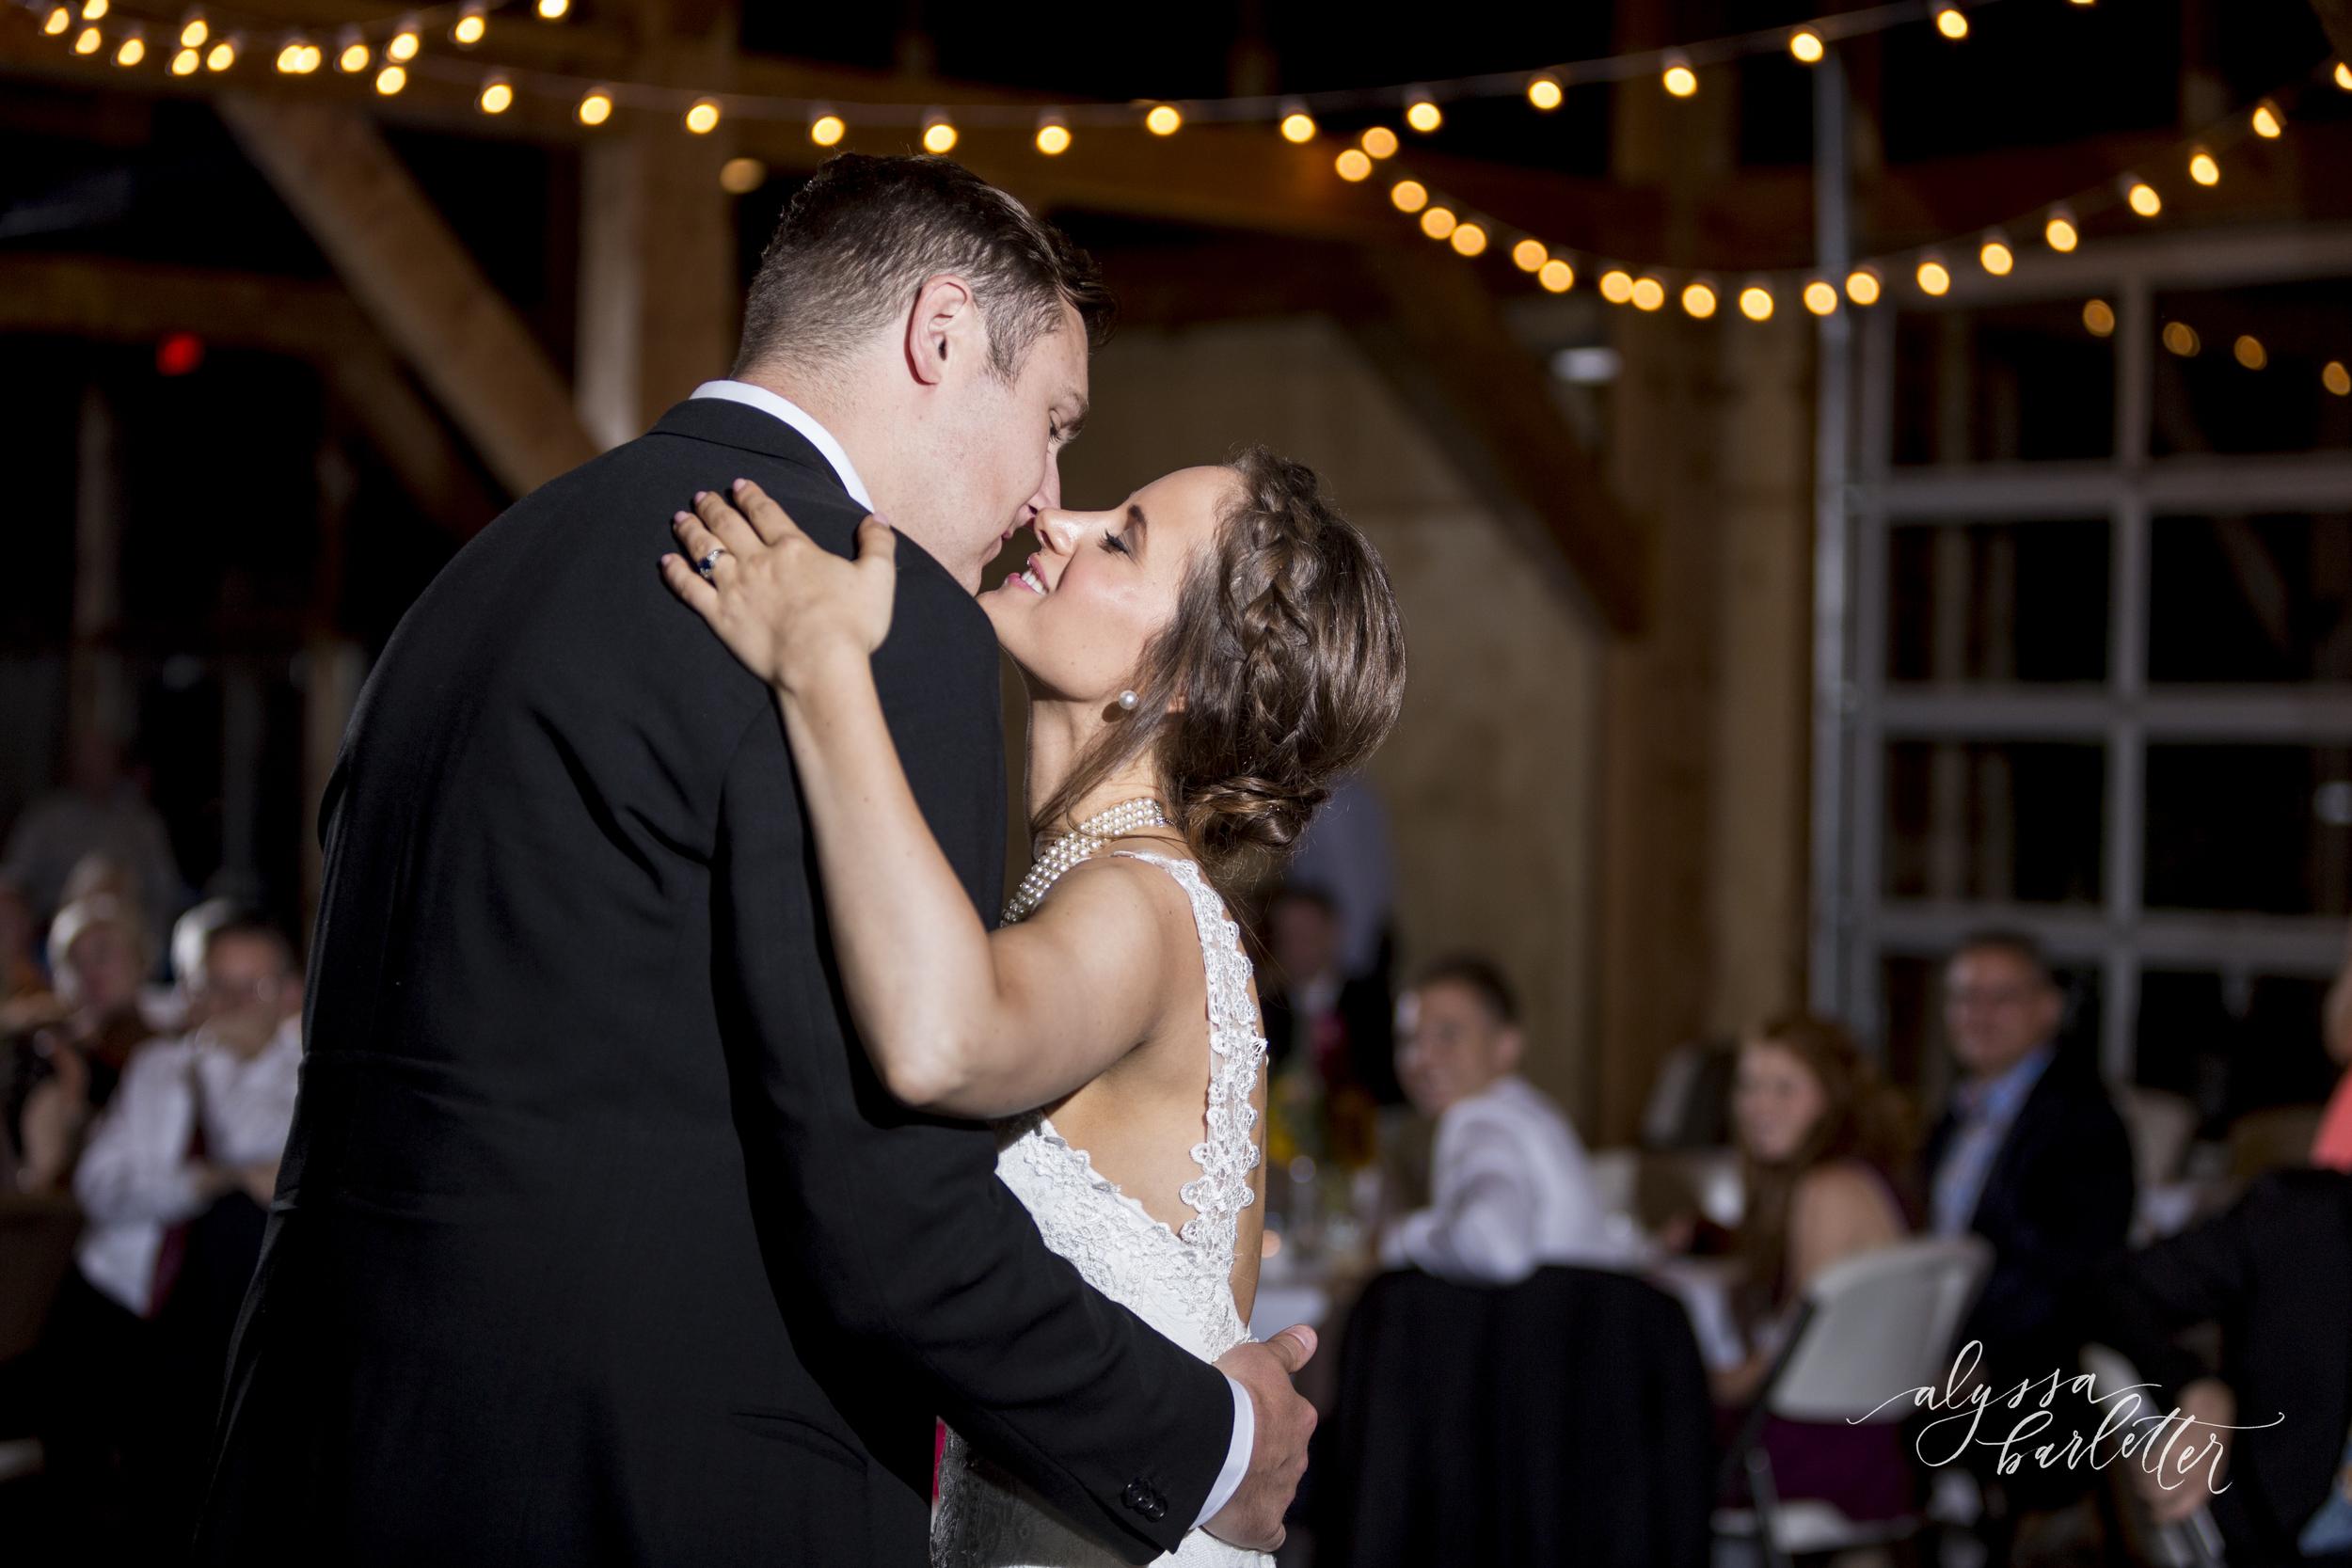 kansas city wedding budget mahaffie reception first dance bride groom kiss